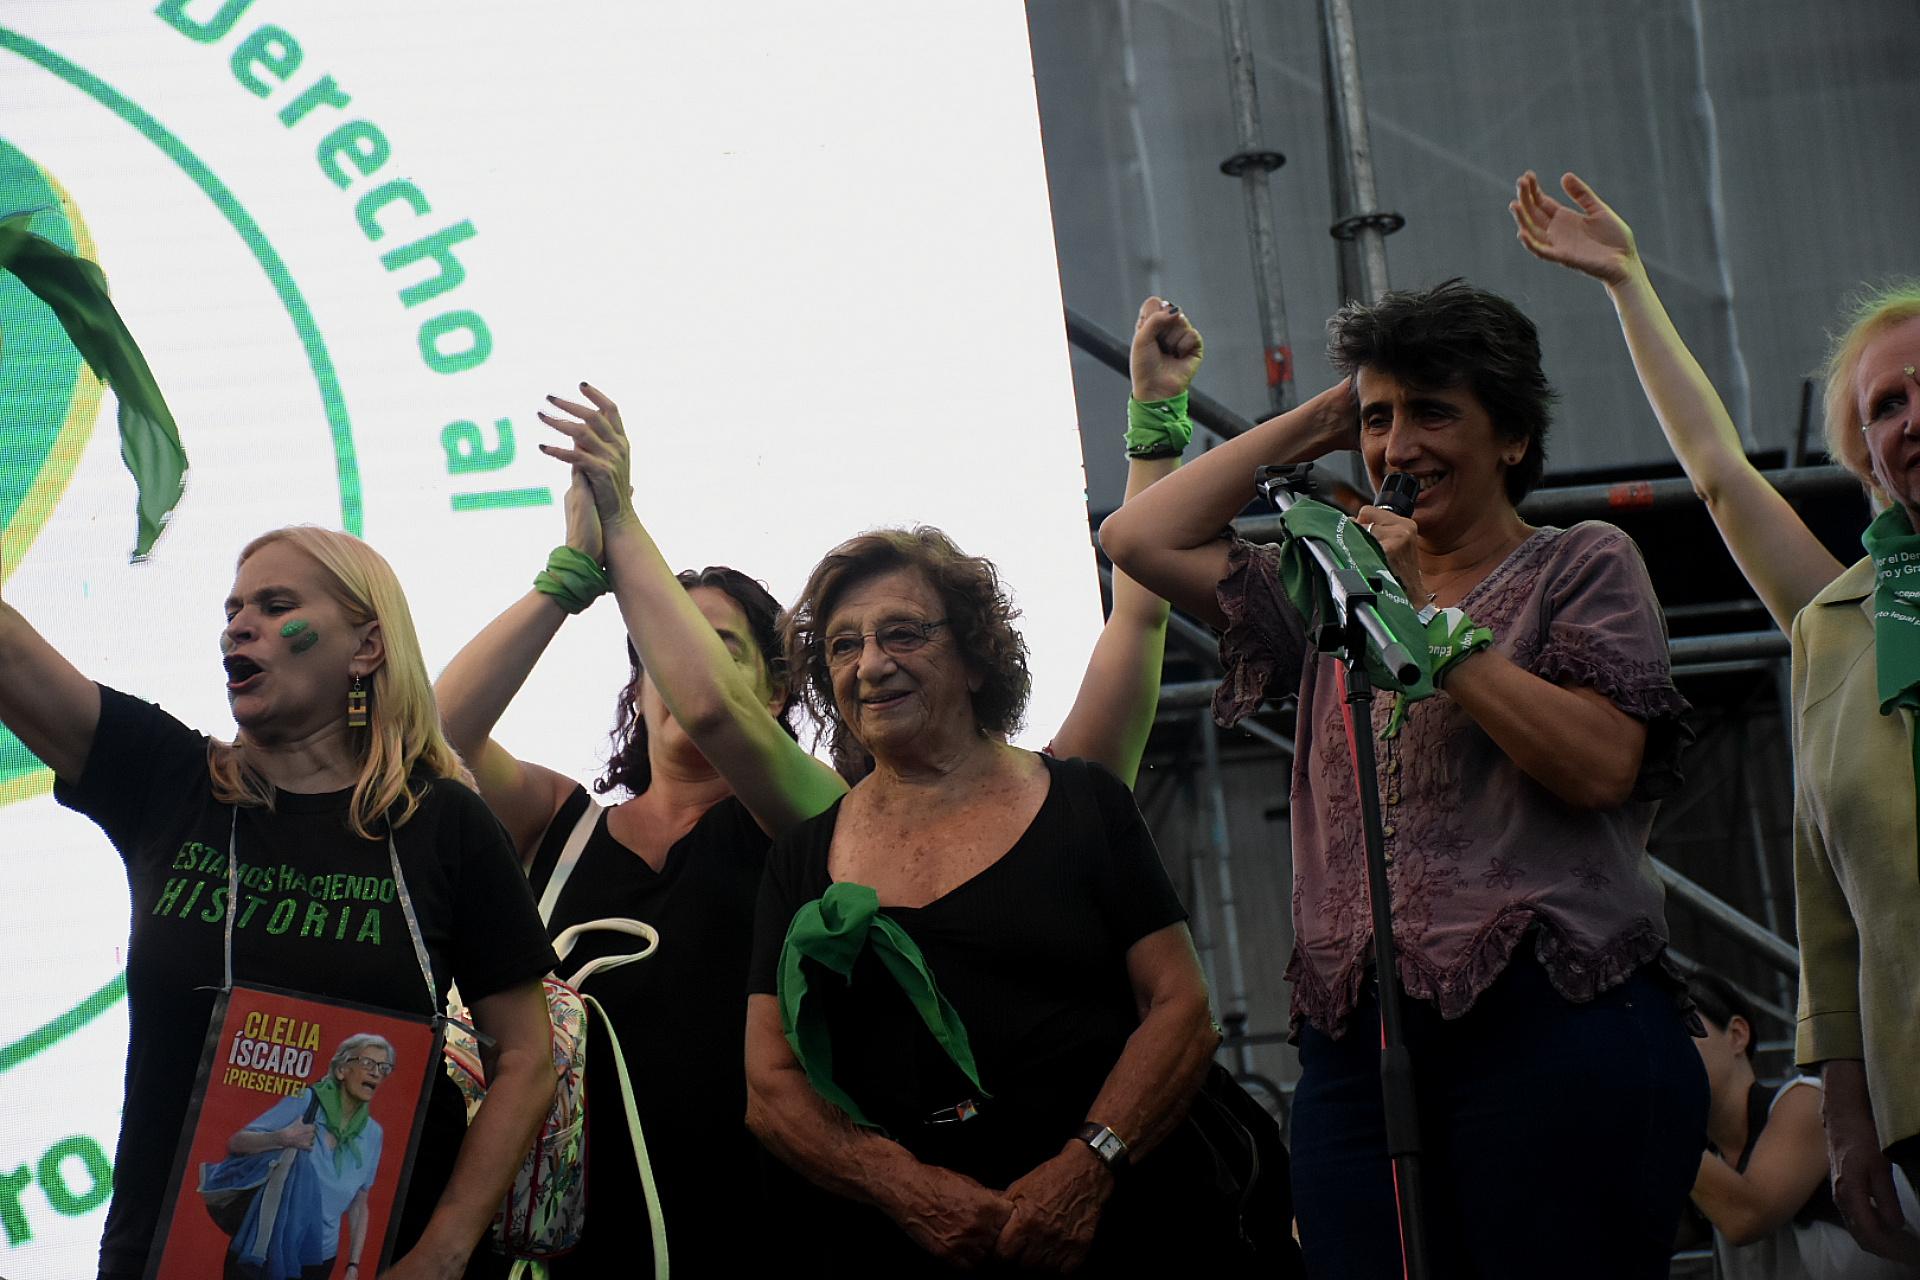 El reclamo por el aborto legal se mantuvo desde que fue anunciado el primer debate sobre la ley